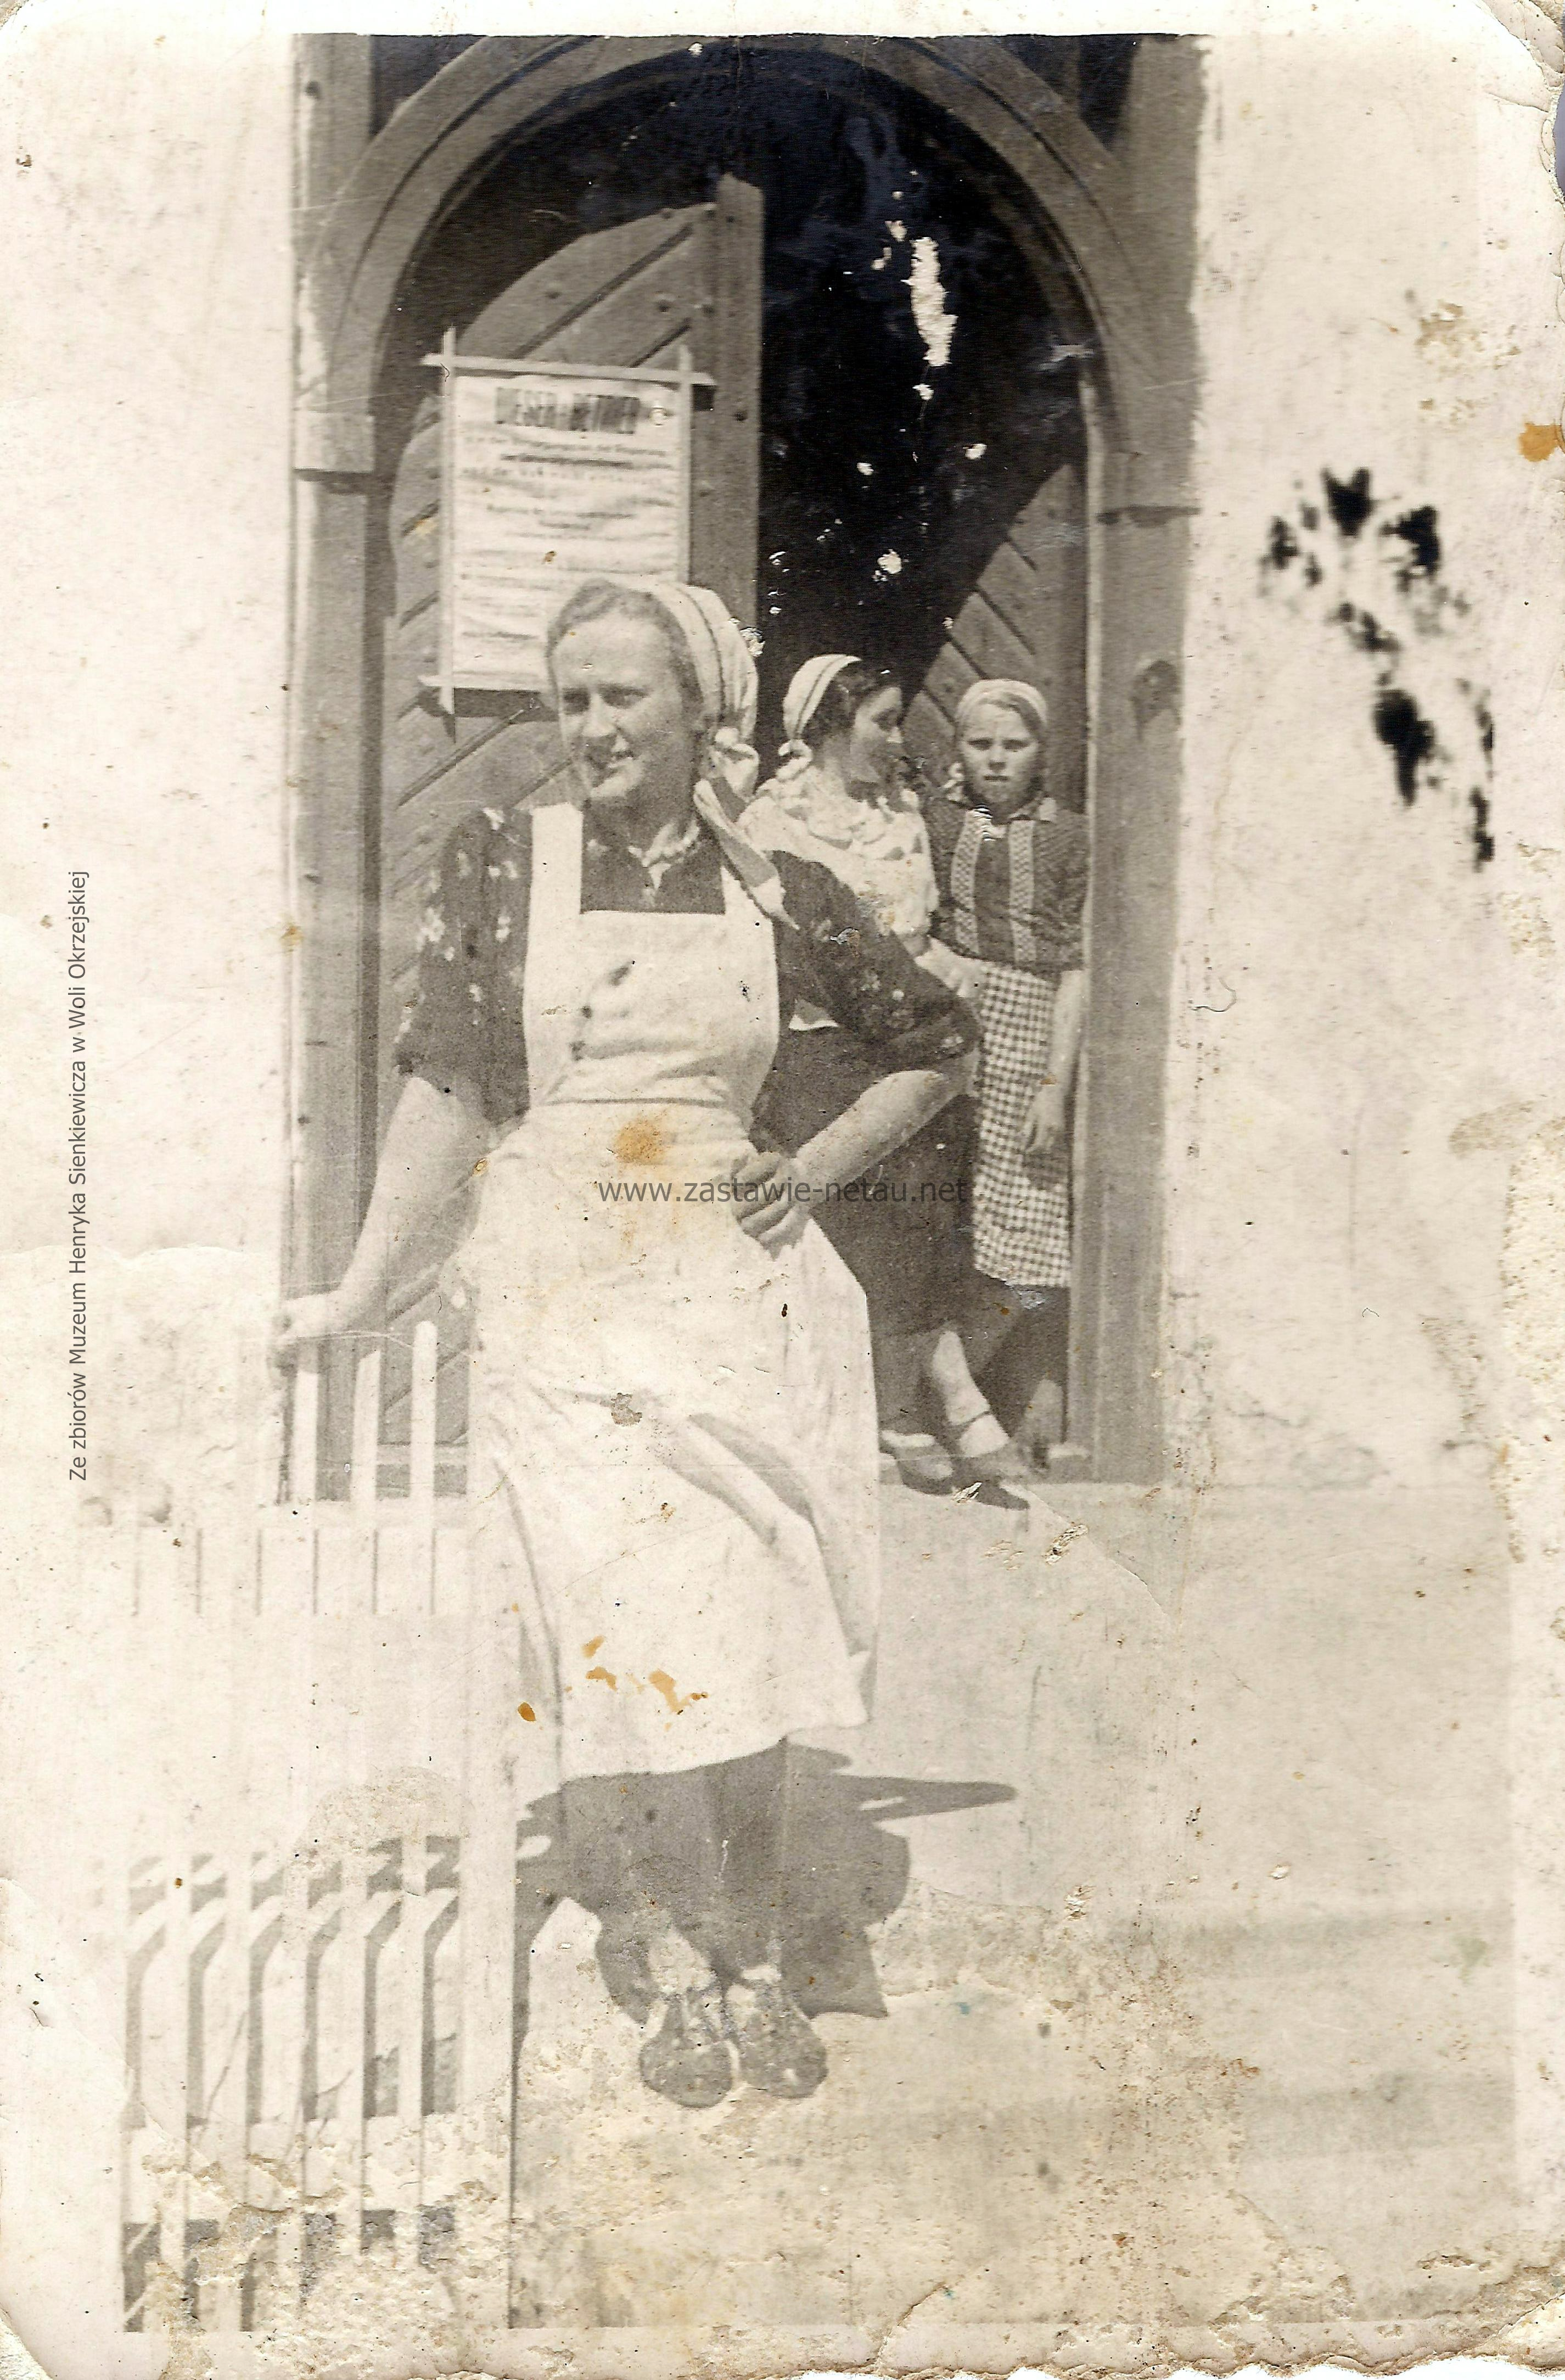 aaamaj 1942